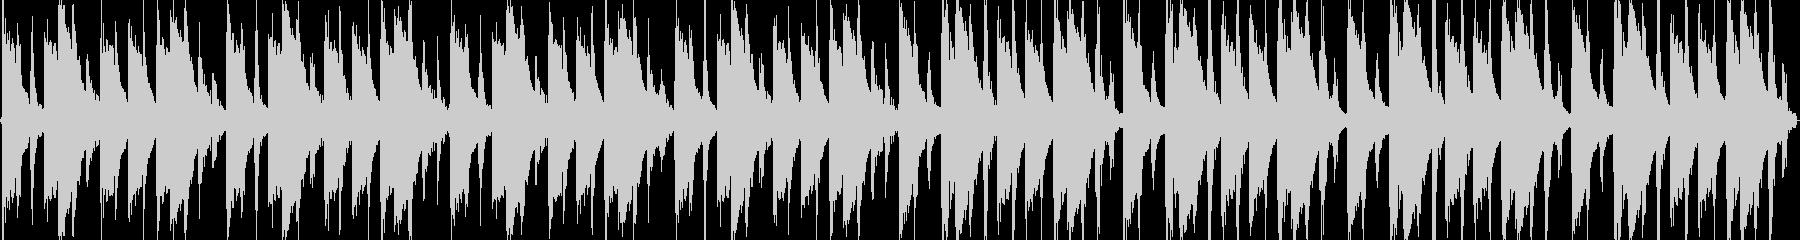 ラテンなリズムループですの未再生の波形